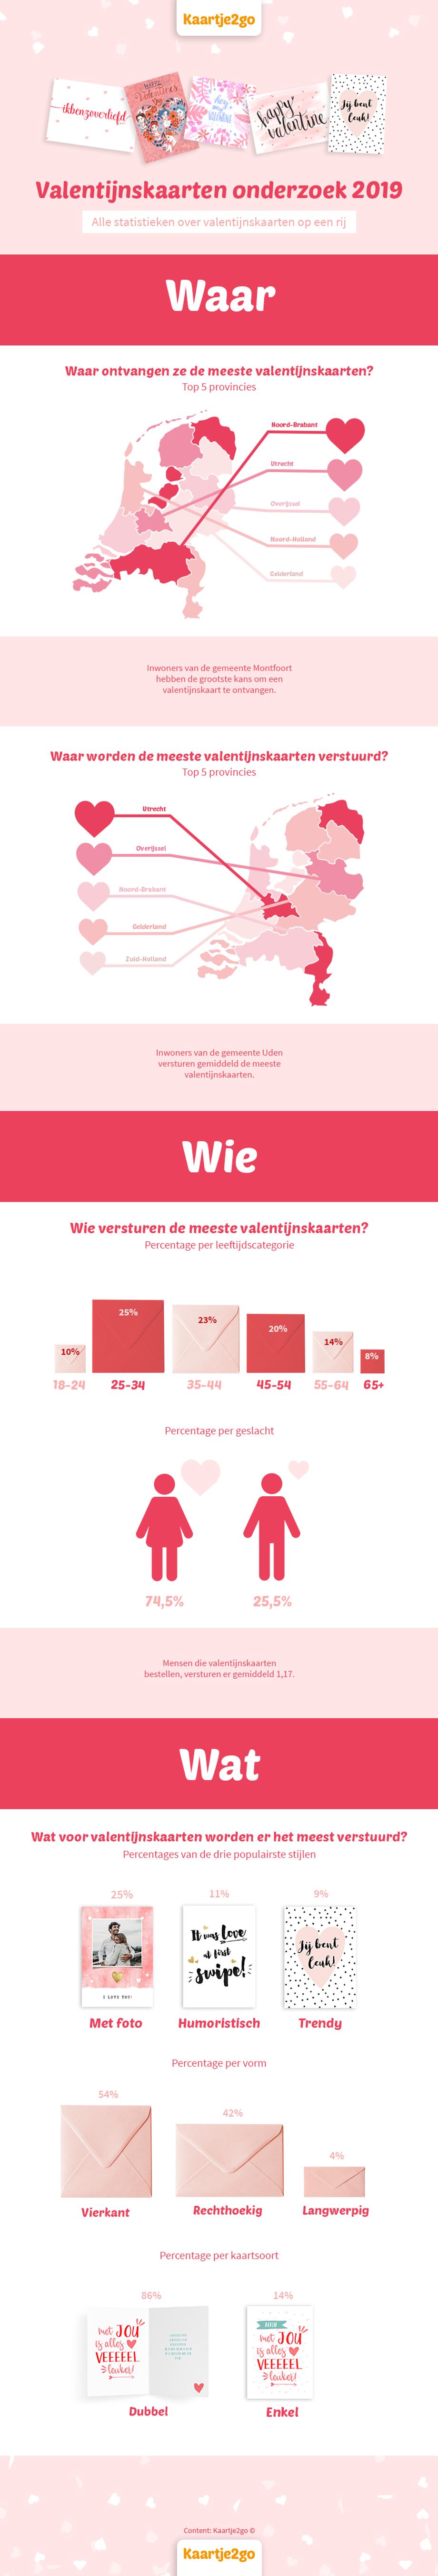 Valentijnskaarten onderzoek 2019